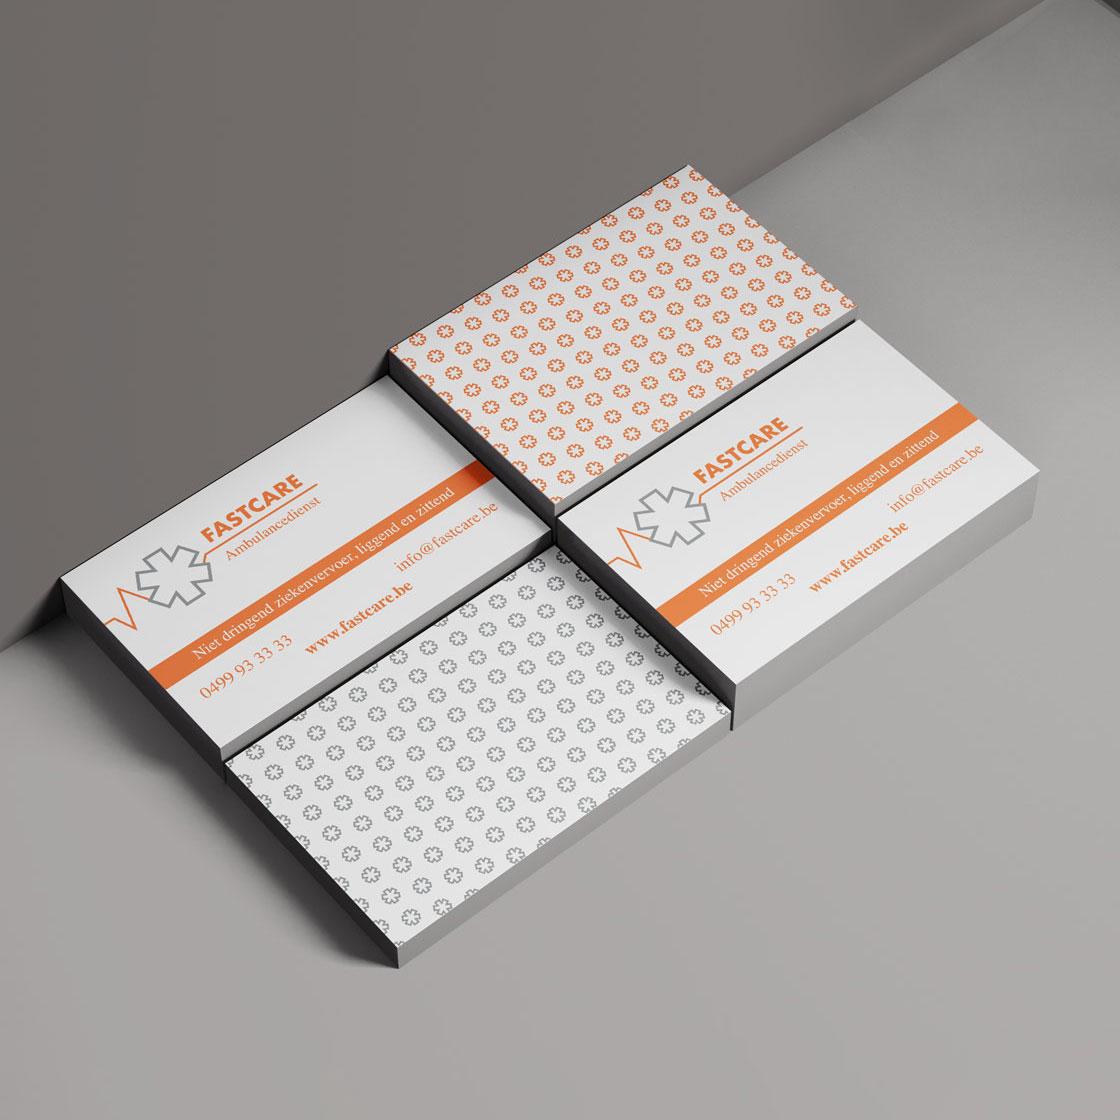 Mioo Design - Fastcare - Naamkaartje - Creatief reclamebureau Roeselare & Communicatiebureau Roeselare - Grafisch ontwerp - Freelancer - West-Vlaanderen - Brugge - Kortrijk - 2